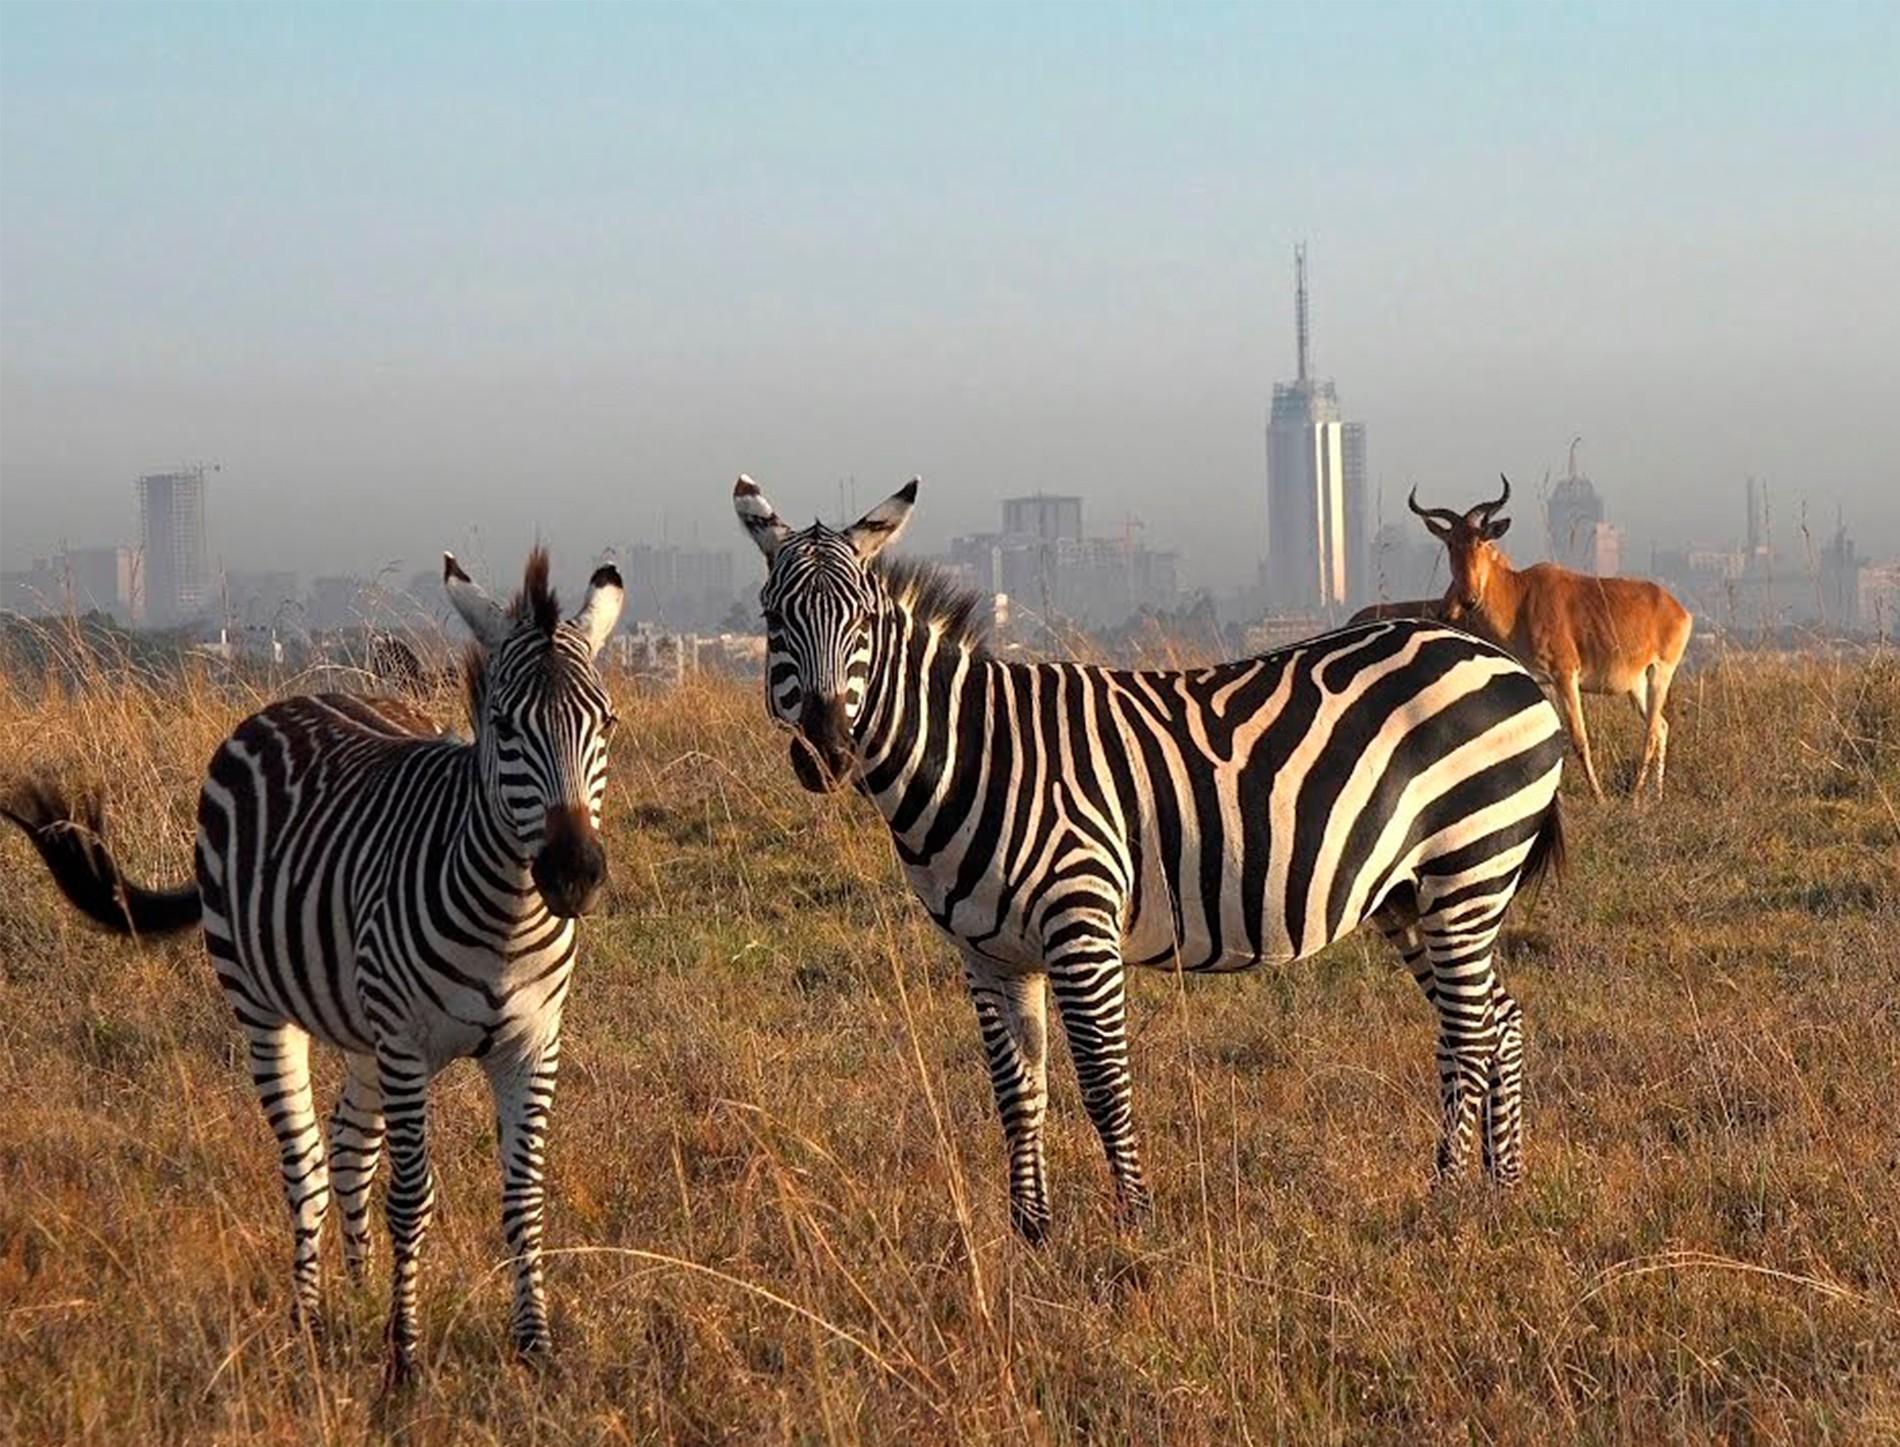 cebras en el parque nacional de nairobi, kenia